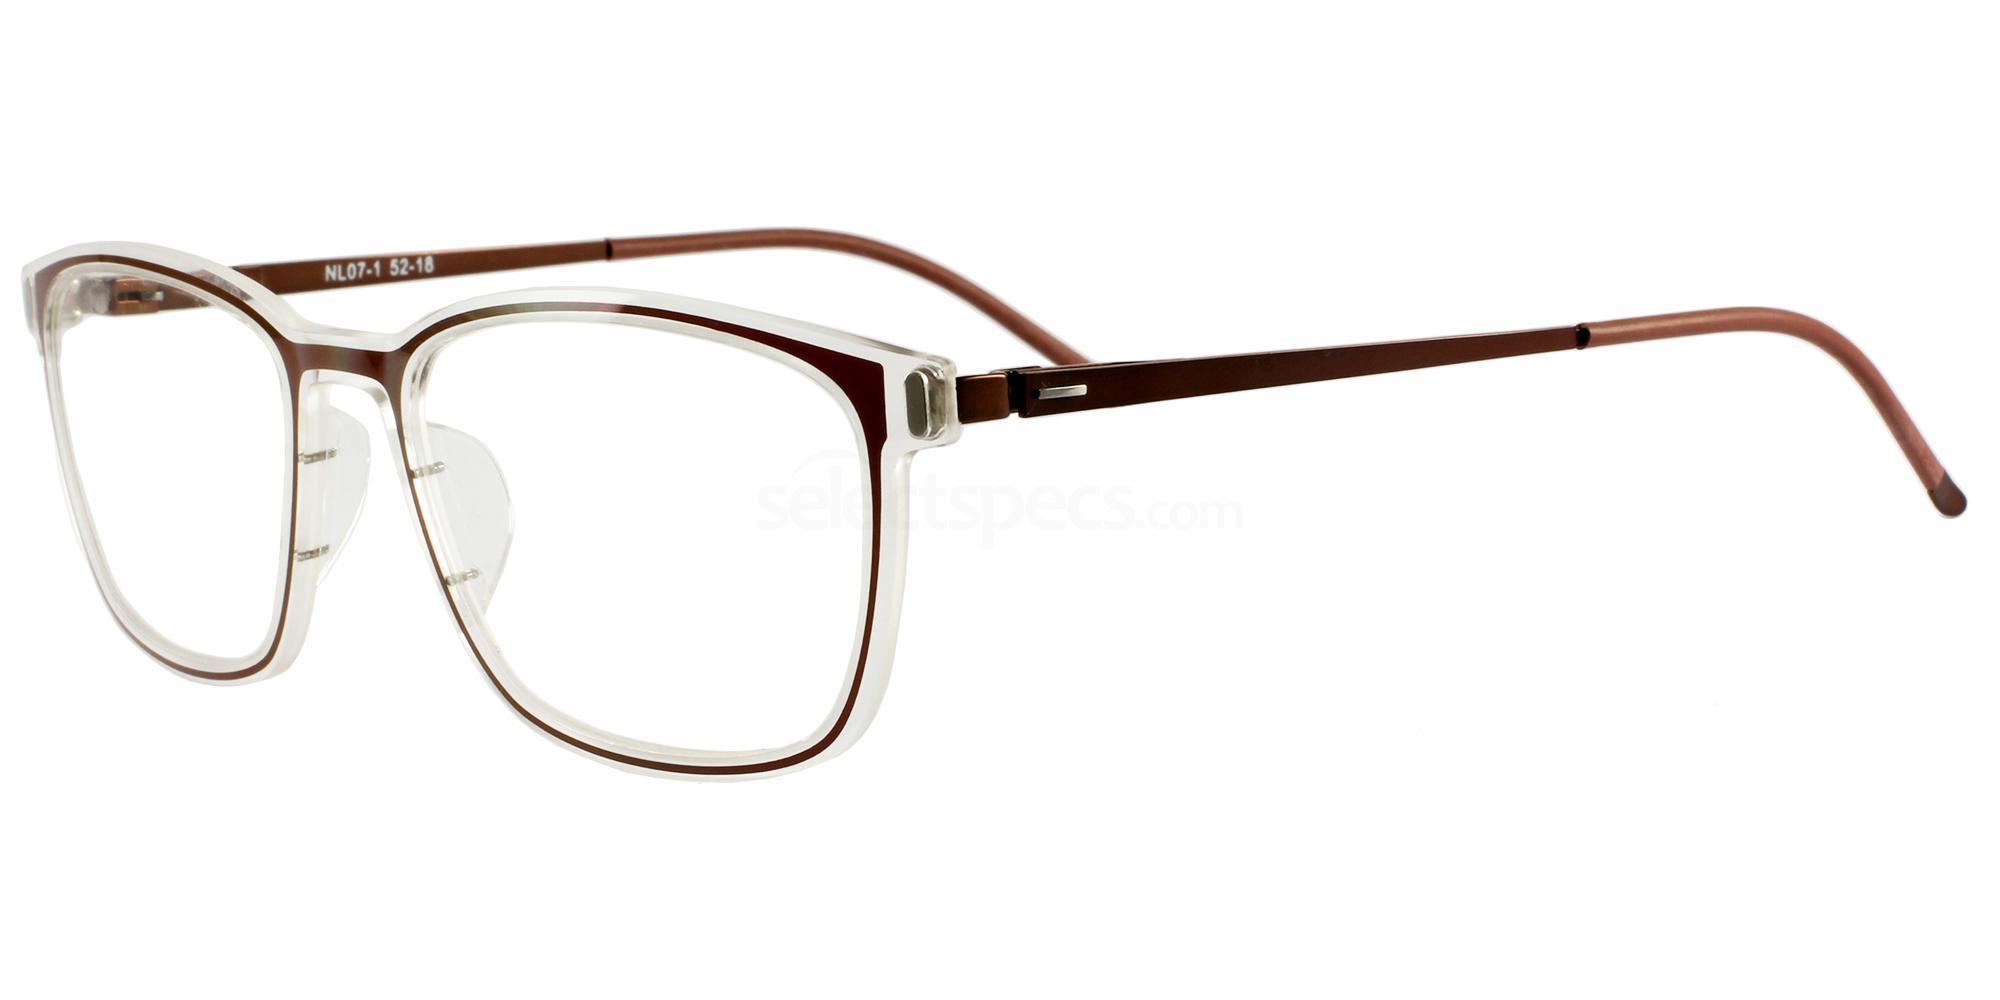 C1 07 Glasses, Nord Lite